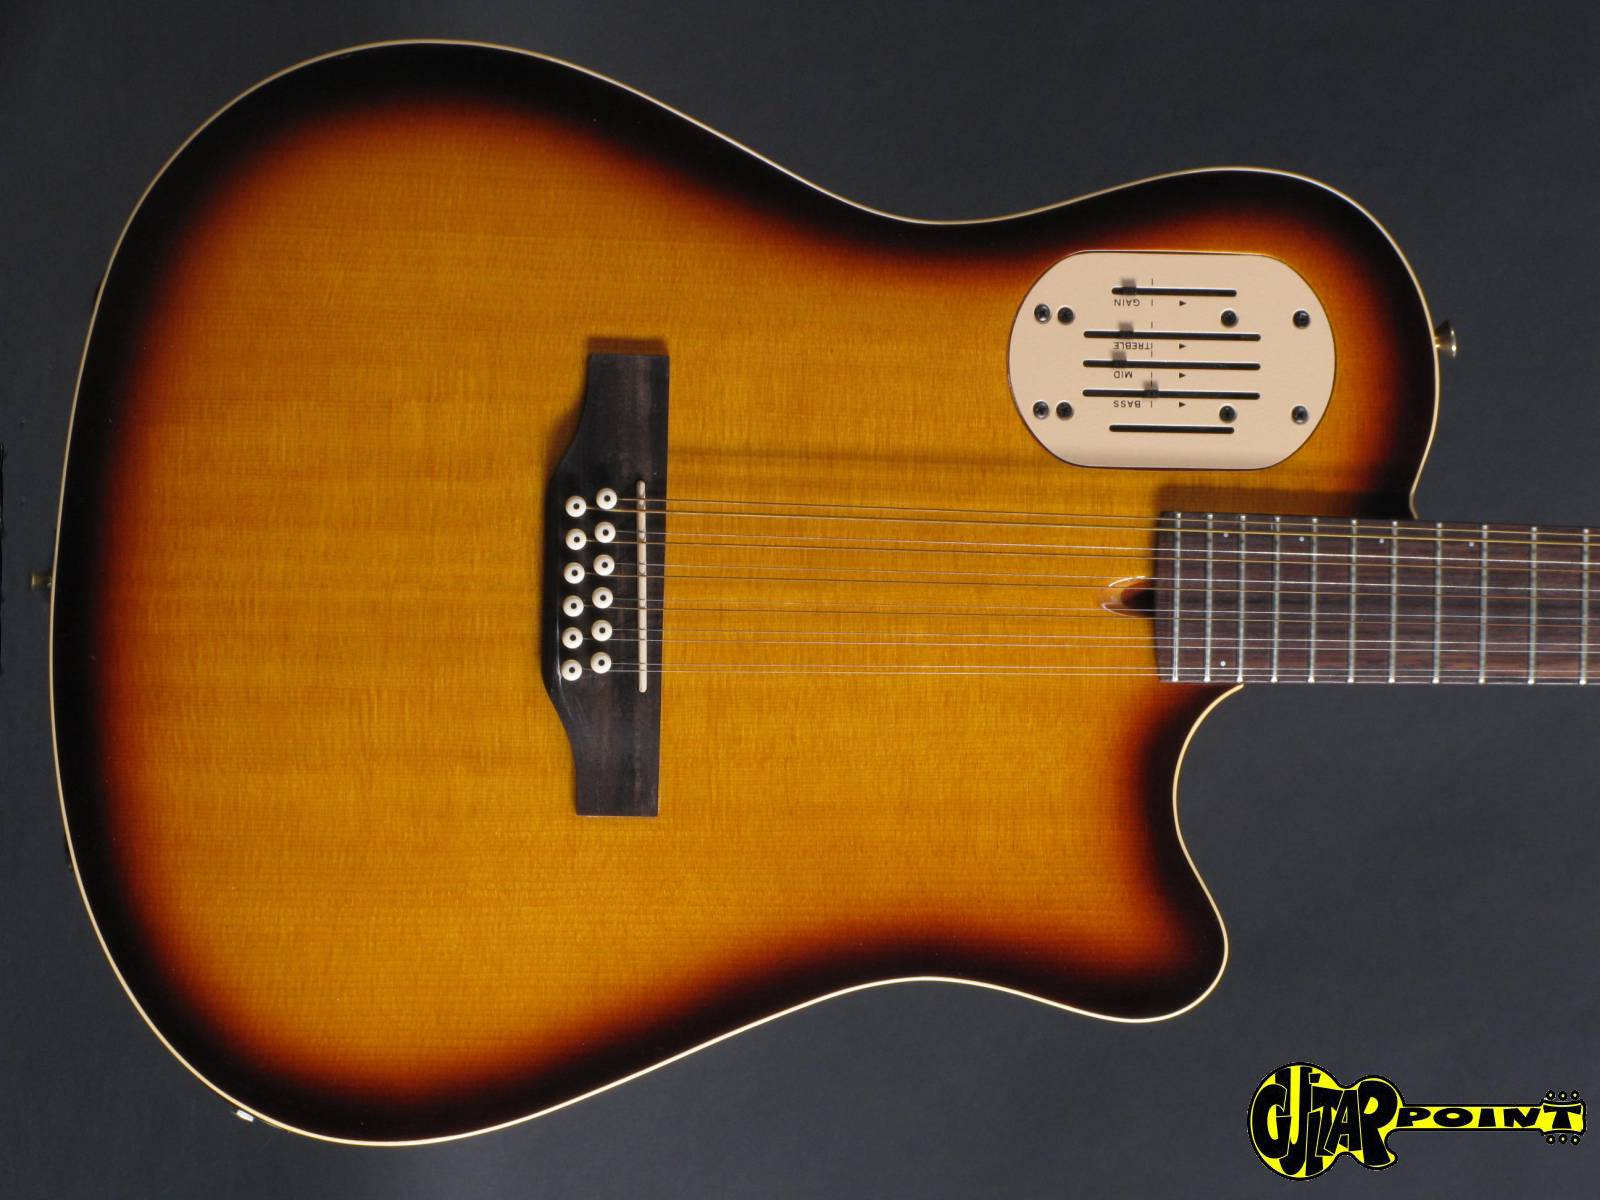 Godin Guitars For Sale : godin a12 12 string 1994 sunburst guitar for sale guitarpoint ~ Russianpoet.info Haus und Dekorationen